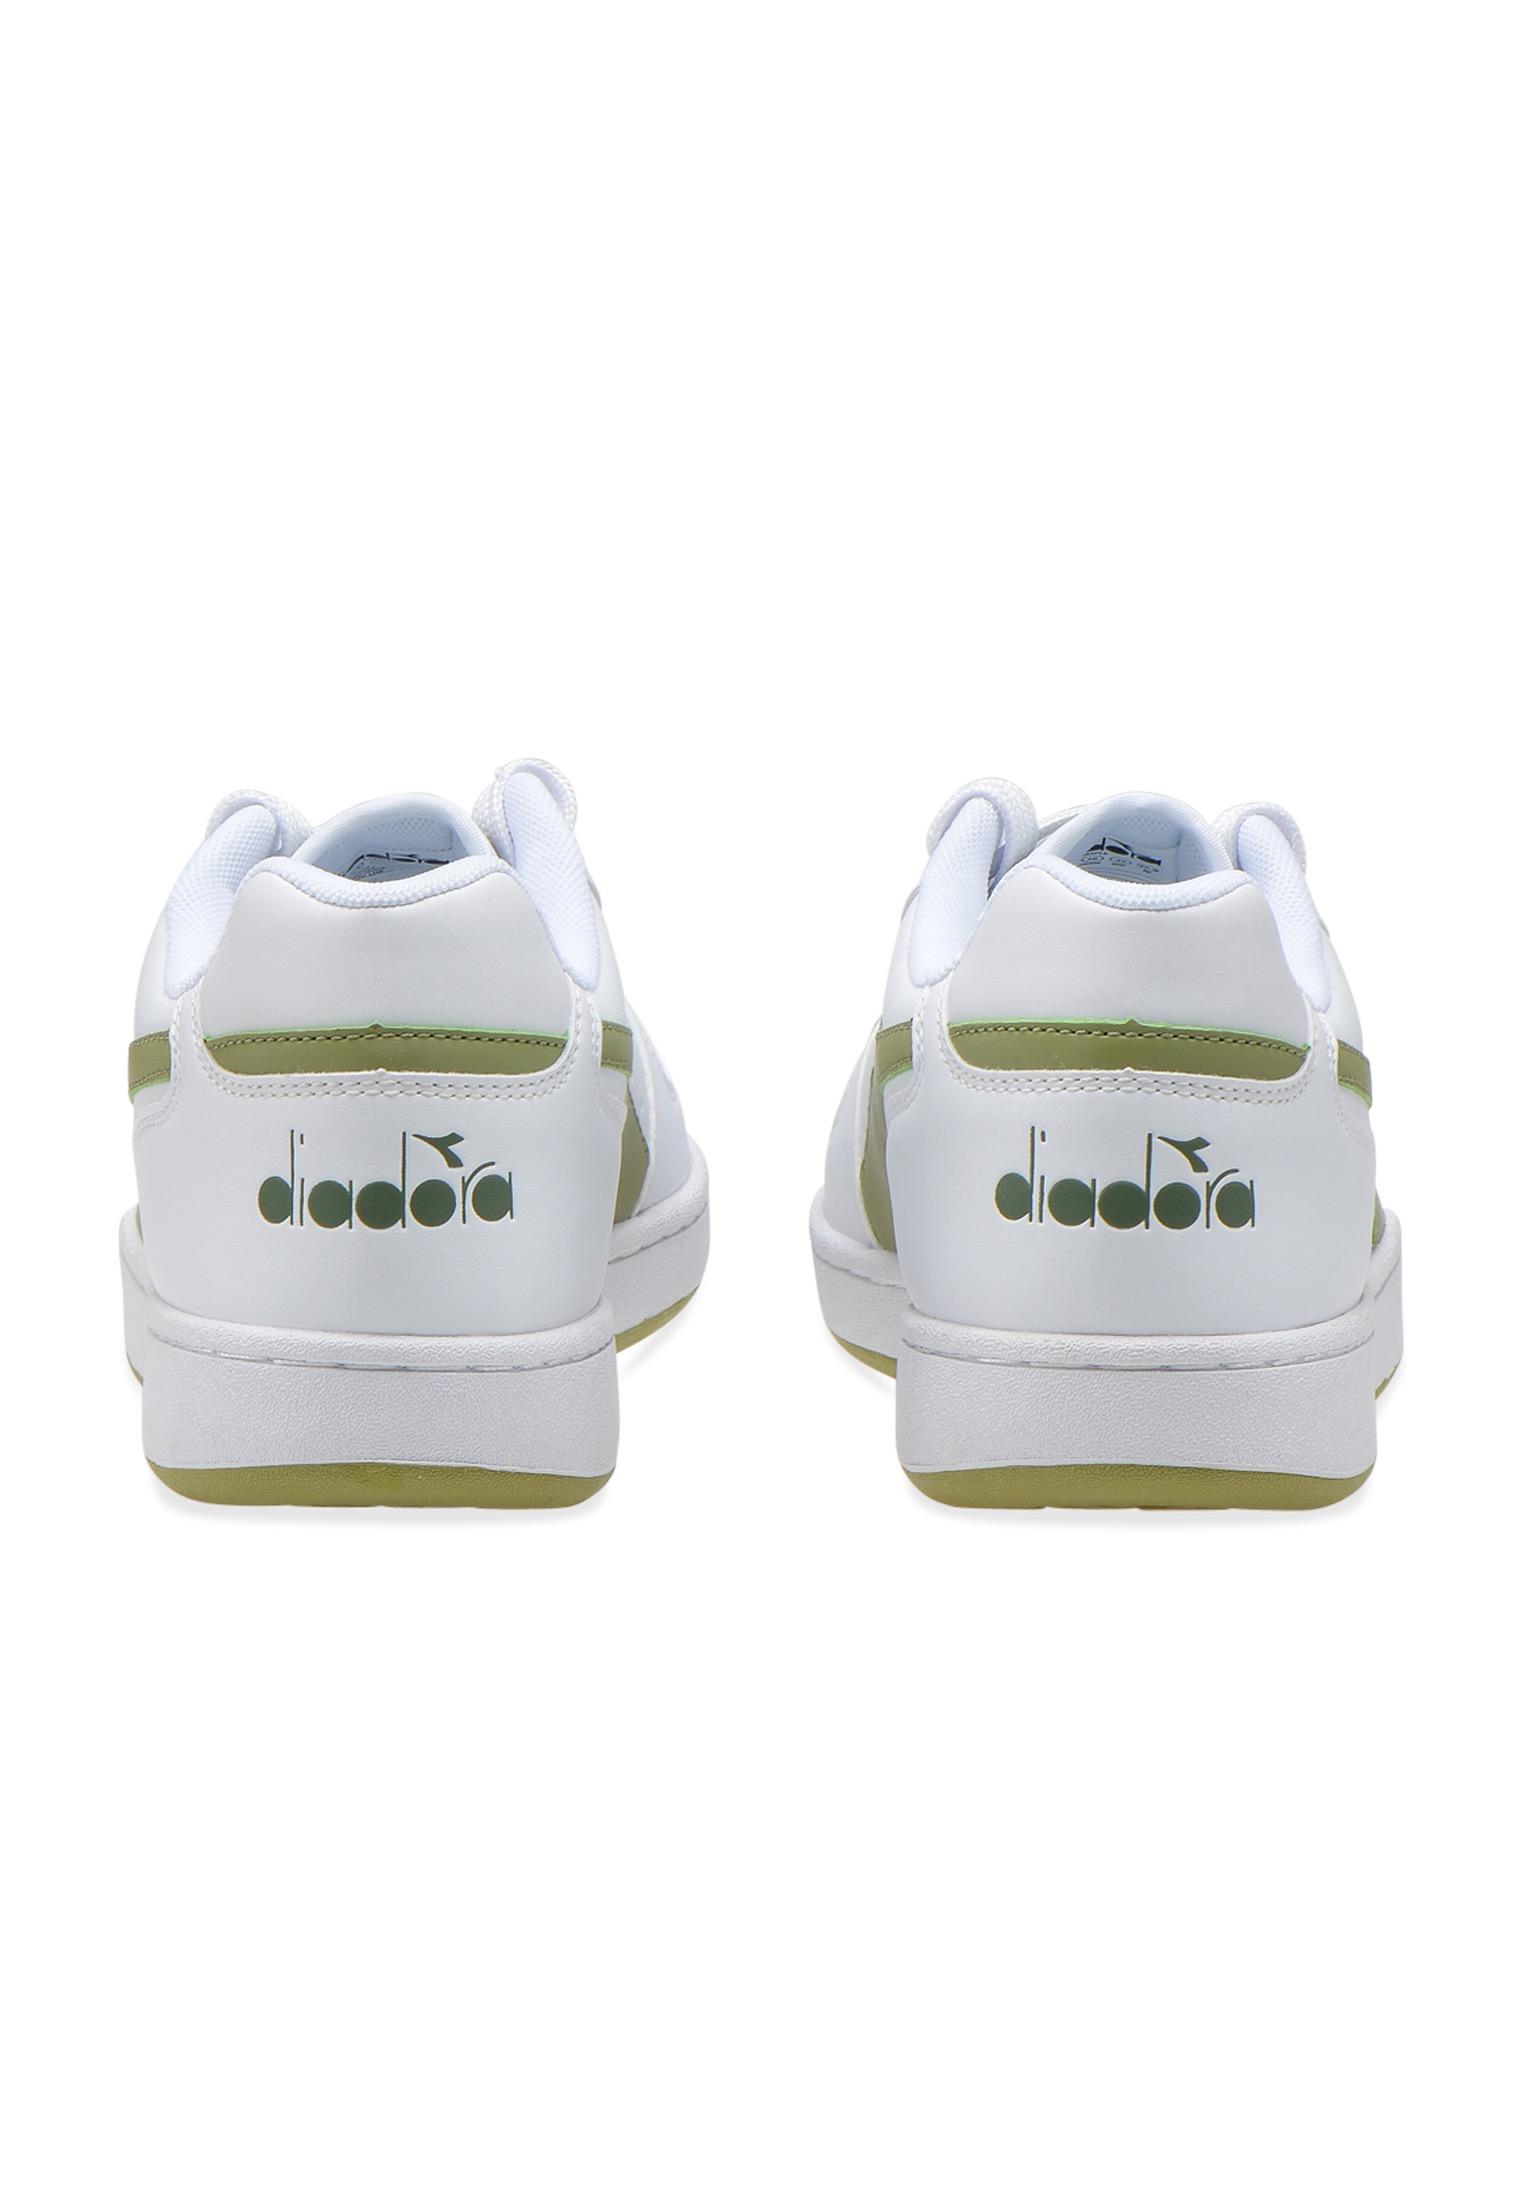 Scarpe-Diadora-Playground-Sneakers-sportive-uomo-donna-vari-colori-piu-taglie miniatura 37